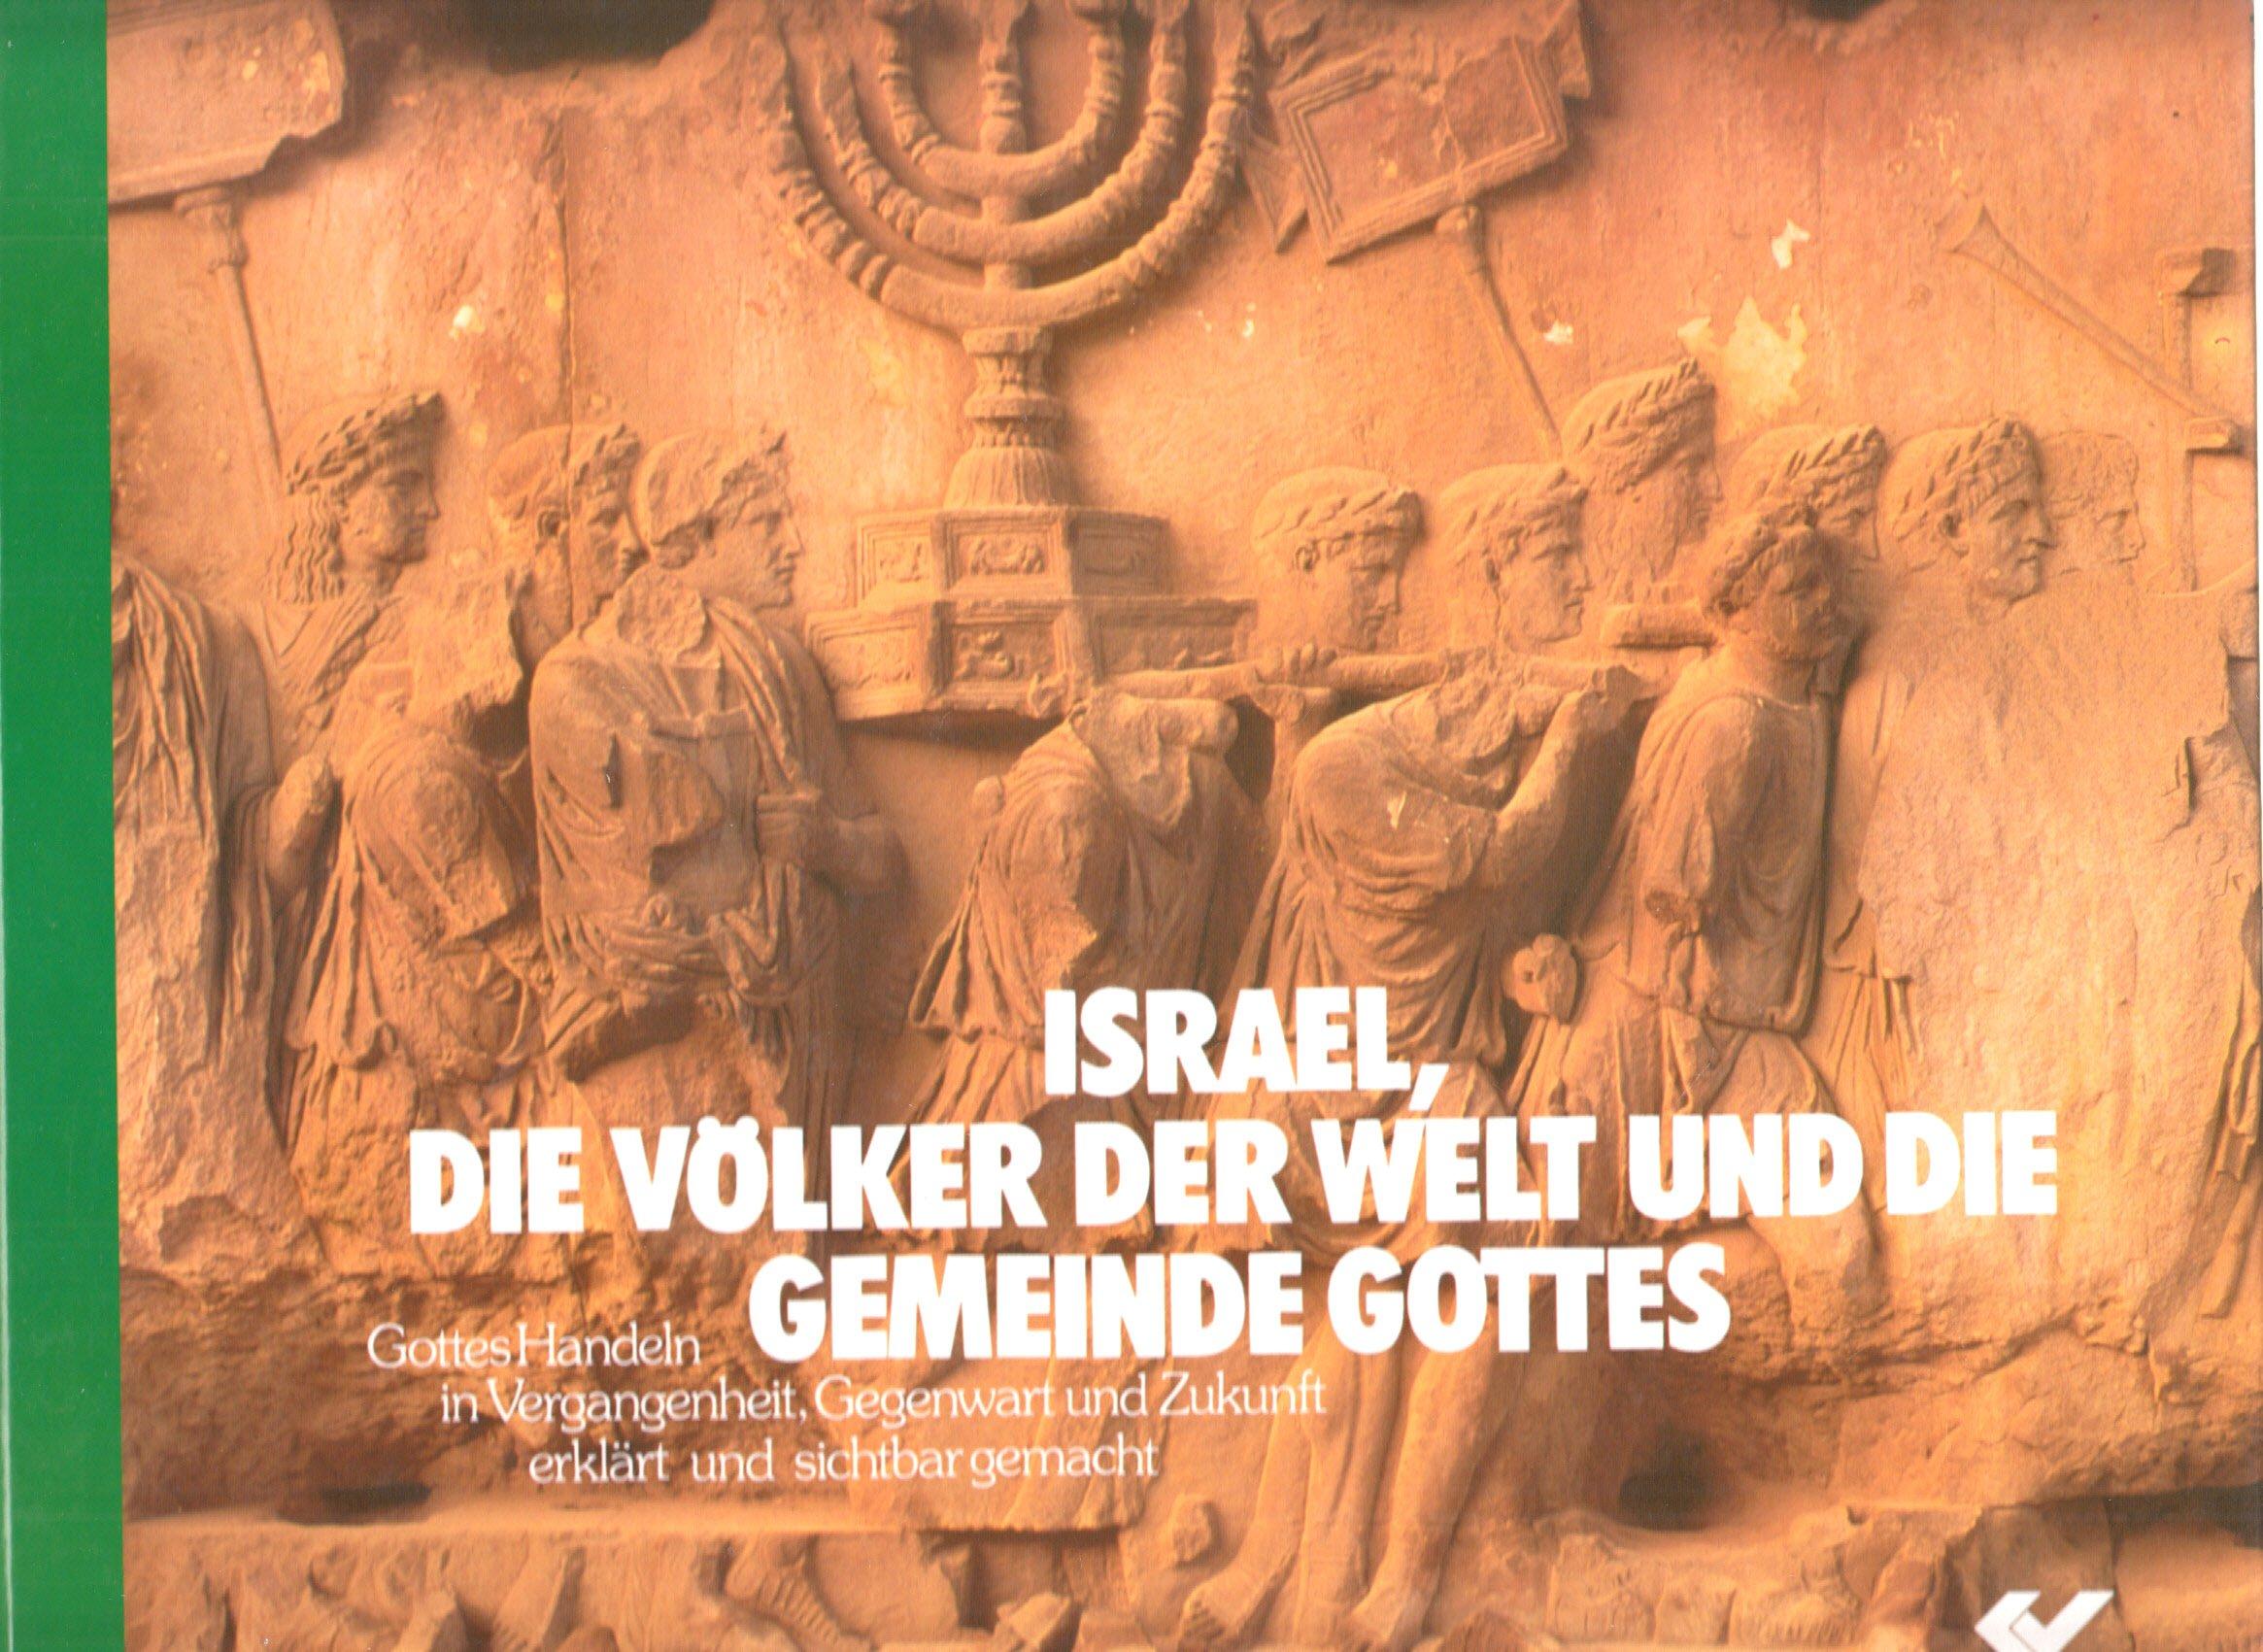 Israel, die Völker der Welt und die Gemeinde Gottes. Gottes Handeln in Vergangenheit, Gegenwart und Zukunft, erklärt und sichtbar gemacht